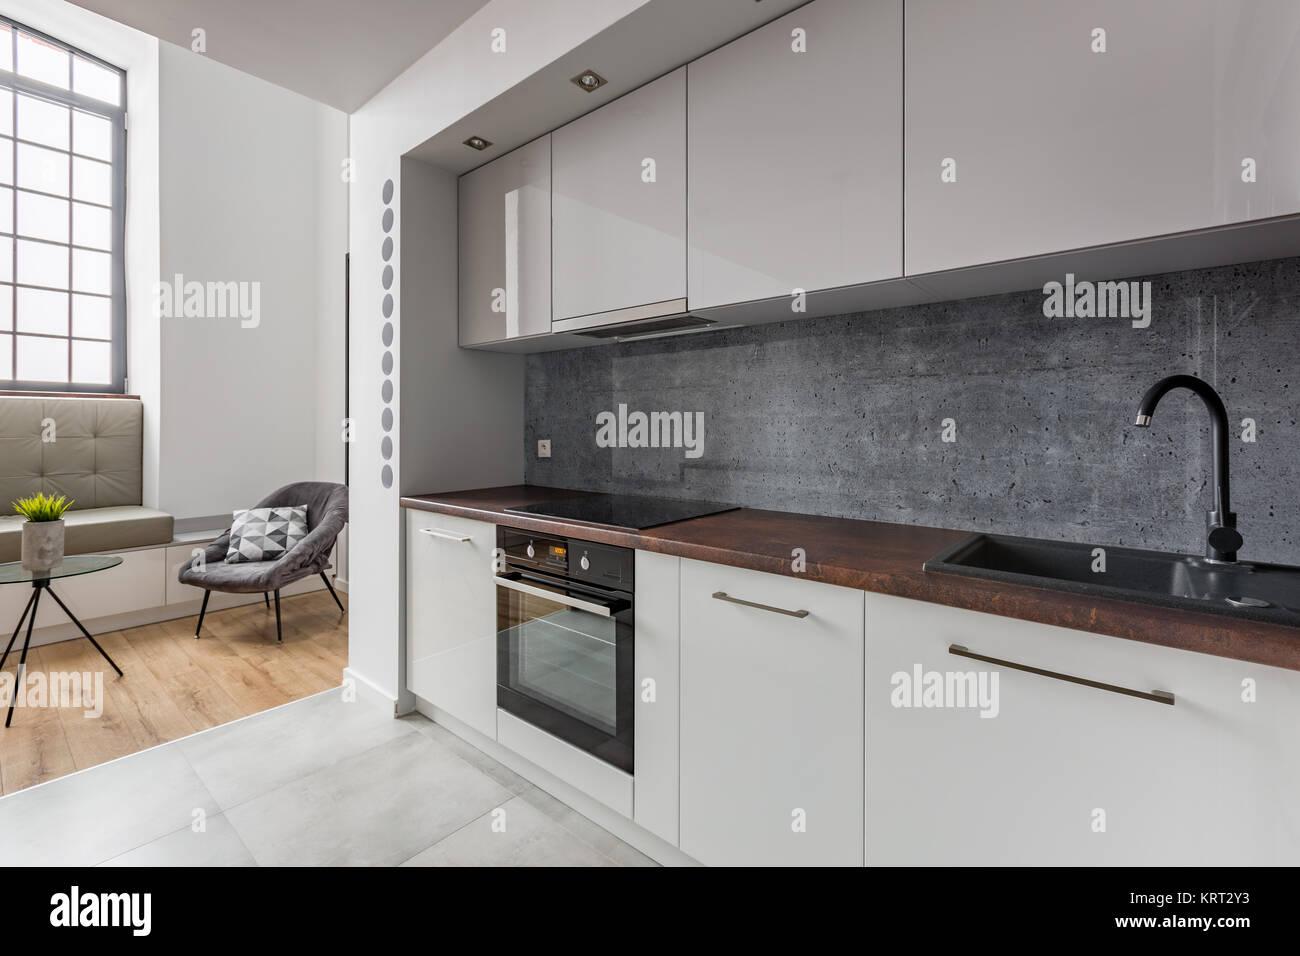 Arbeitsplatte Küche Granit Kaufen Arbeitsplatte Küche Granit